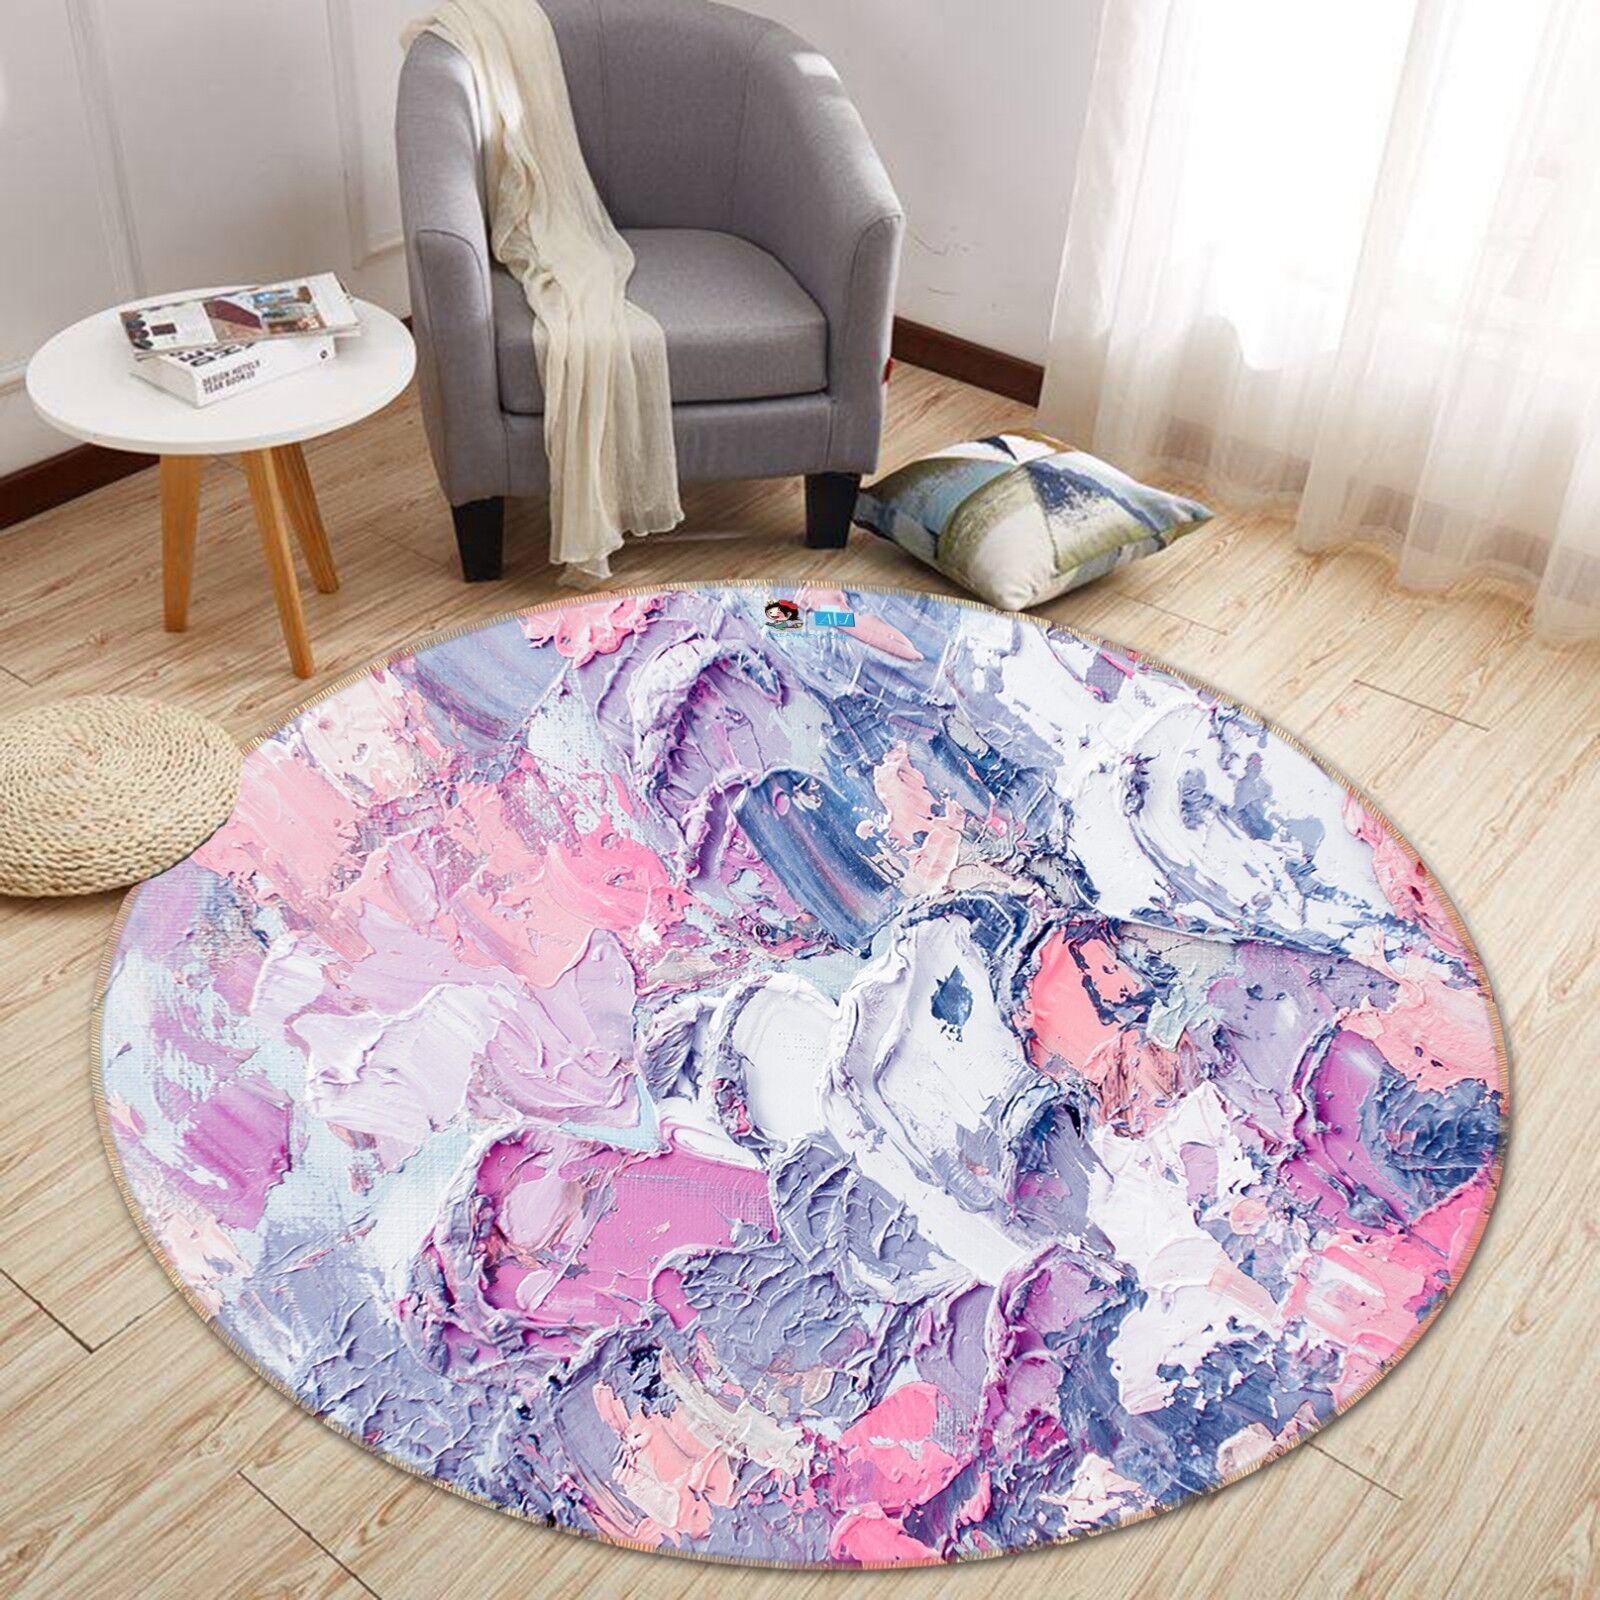 3D fango a guazzo dal ART 8 antiscivolo tappeto camera Tappetino Tondo Qualità Elegante foto Tappeto UK